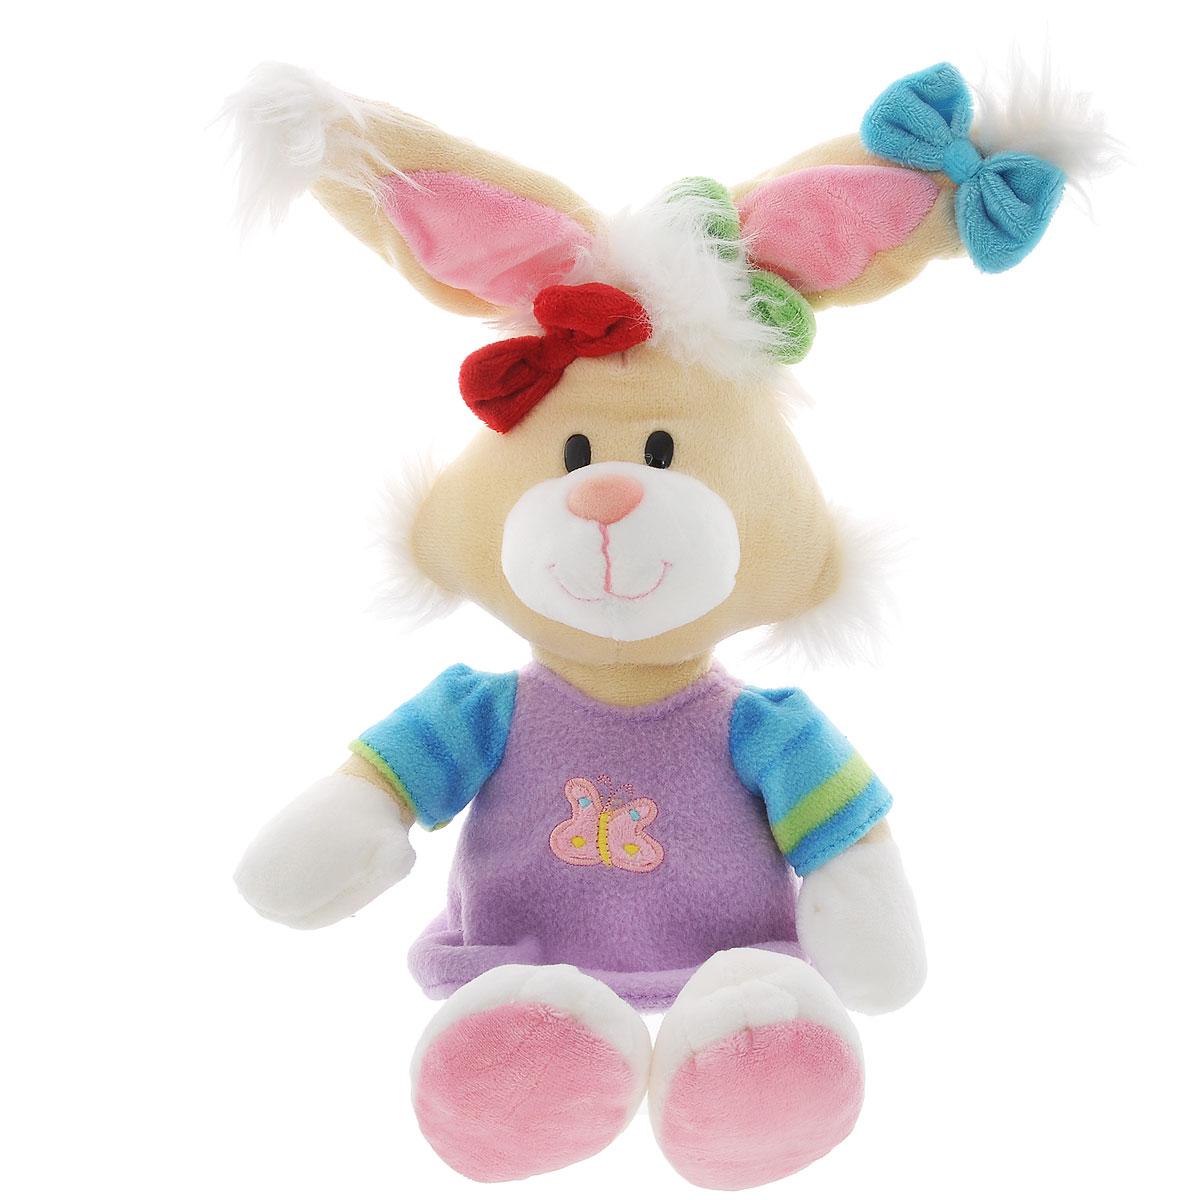 Мягкая игрушка Plush Apple Кролик в платье, 46 смK96160A,B,CОчаровательная и яркая мягкая игрушка Plush Apple Кролик в платье обязательно вызовет улыбку у детей и взрослых. Игрушка изготовлена из высококачественного текстильного материала в виде забавного кролика в фиолетовом платье. Удивительно мягкая игрушка принесет радость и подарит своему обладателю мгновения нежных объятий и приятных воспоминаний. Небольшие размеры игрушки позволяют брать ее на прогулку и в гости, поэтому малышу больше не придется расставаться со своим новым другом. Специальные гранулы, используемые при ее набивке, способствуют развитию мелкой моторики рук малыша.